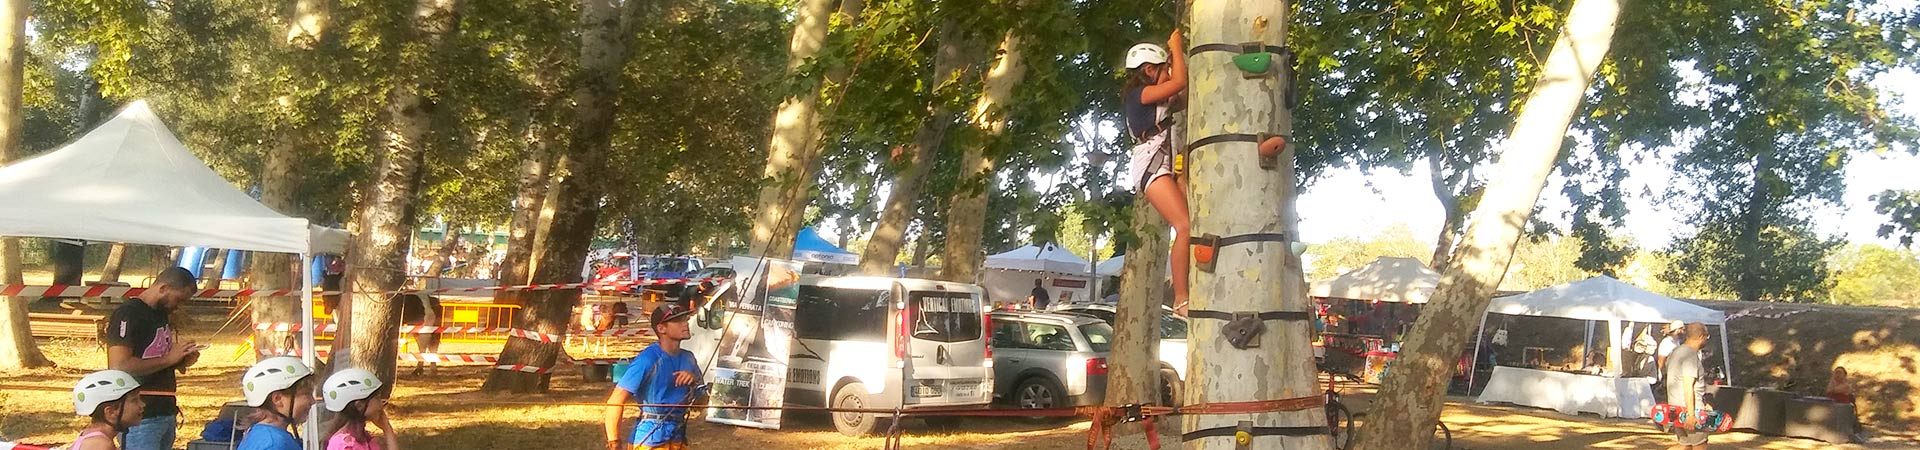 escalada-als-arbres-al-propi-centre